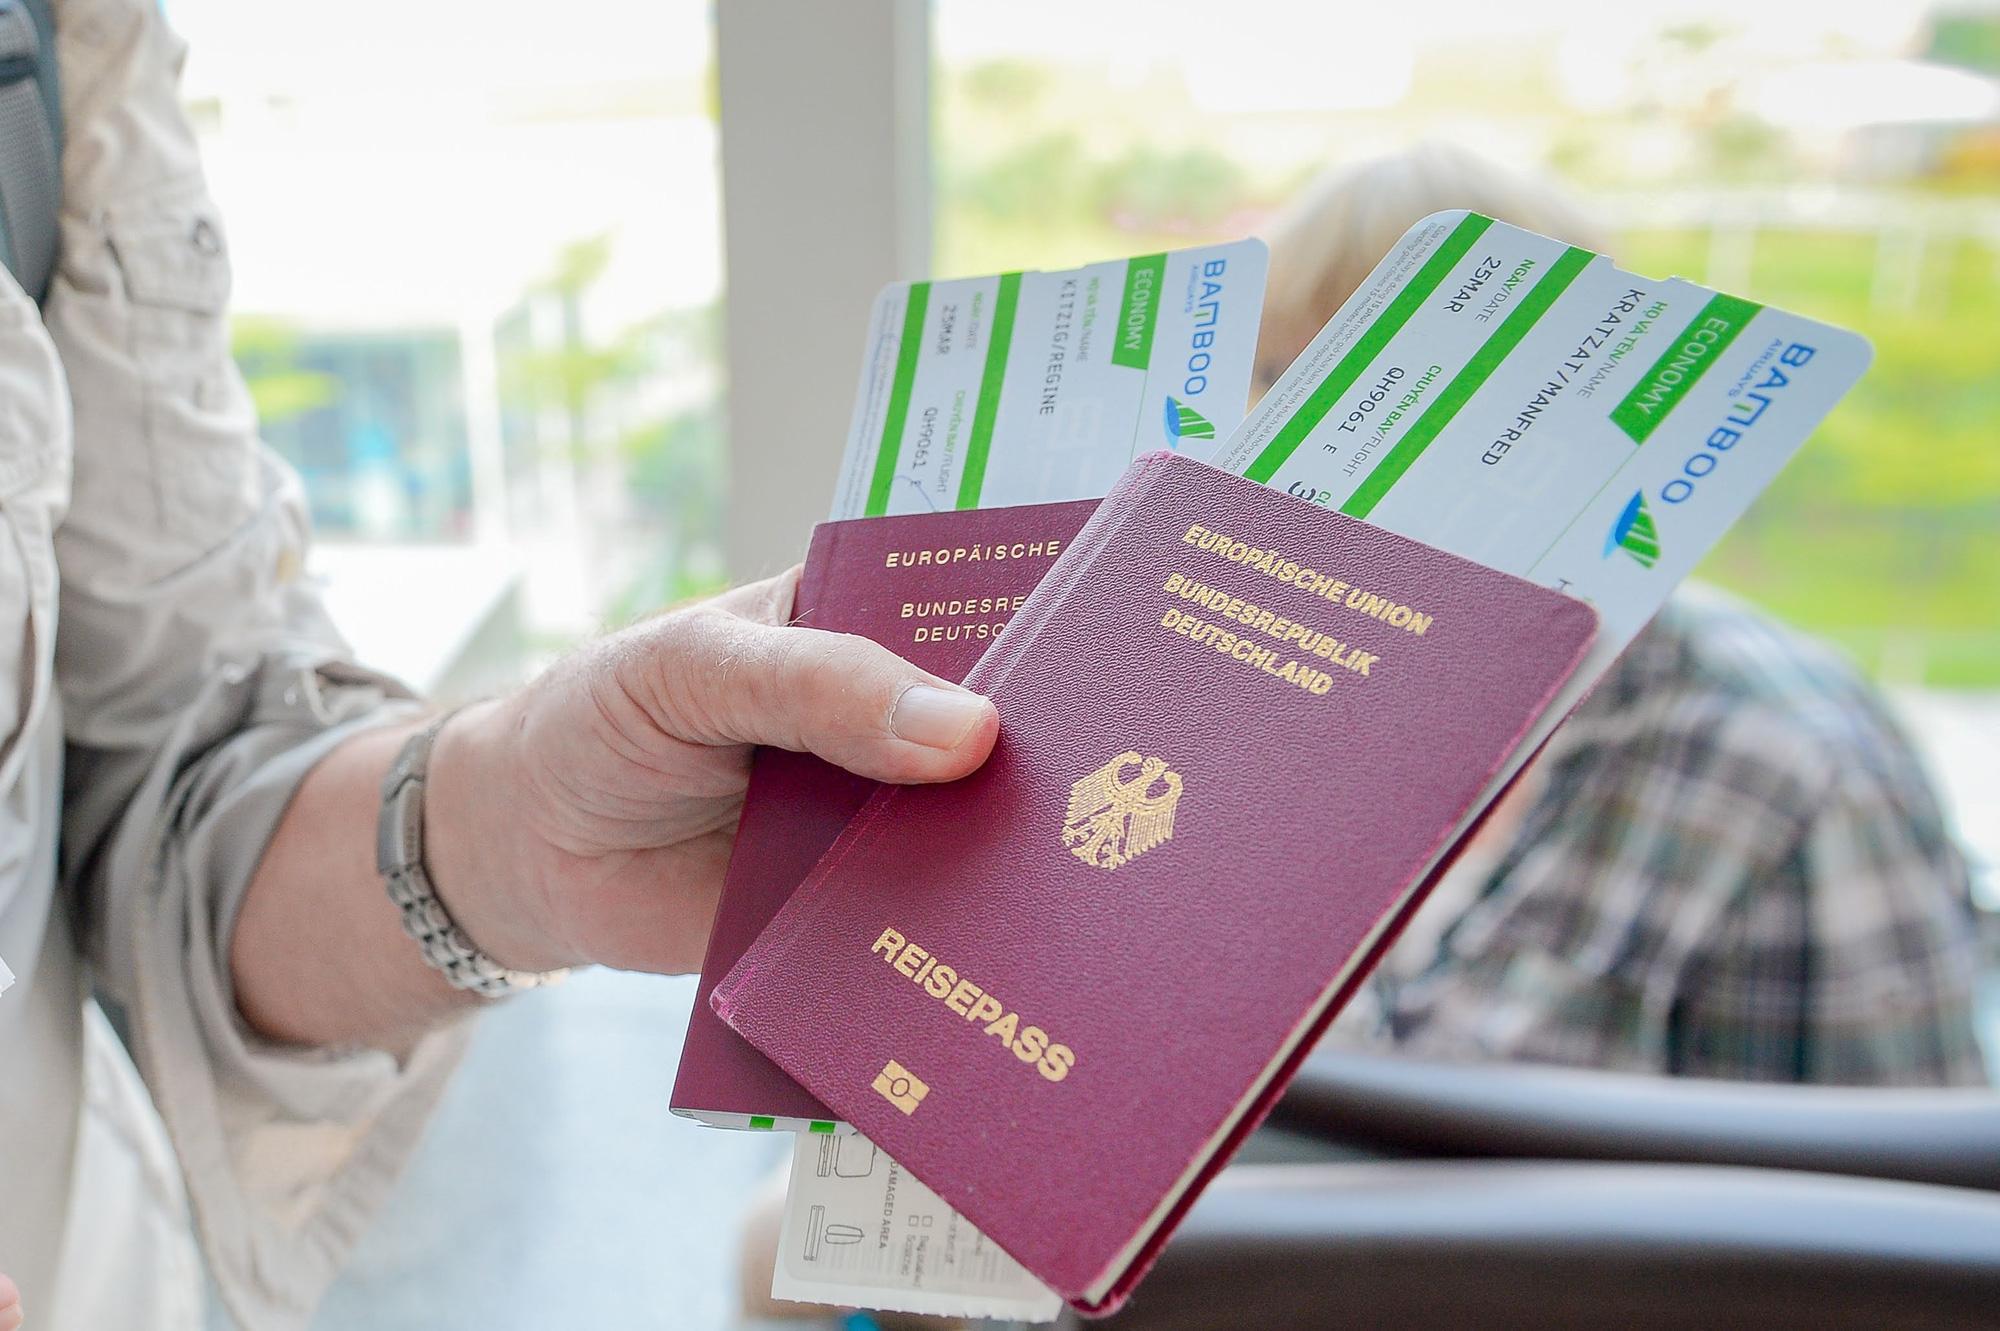 Đà Nẵng giãn cách xã hội hành khách mua vé máy bay được hỗ trợ ra sao? - Ảnh 3.